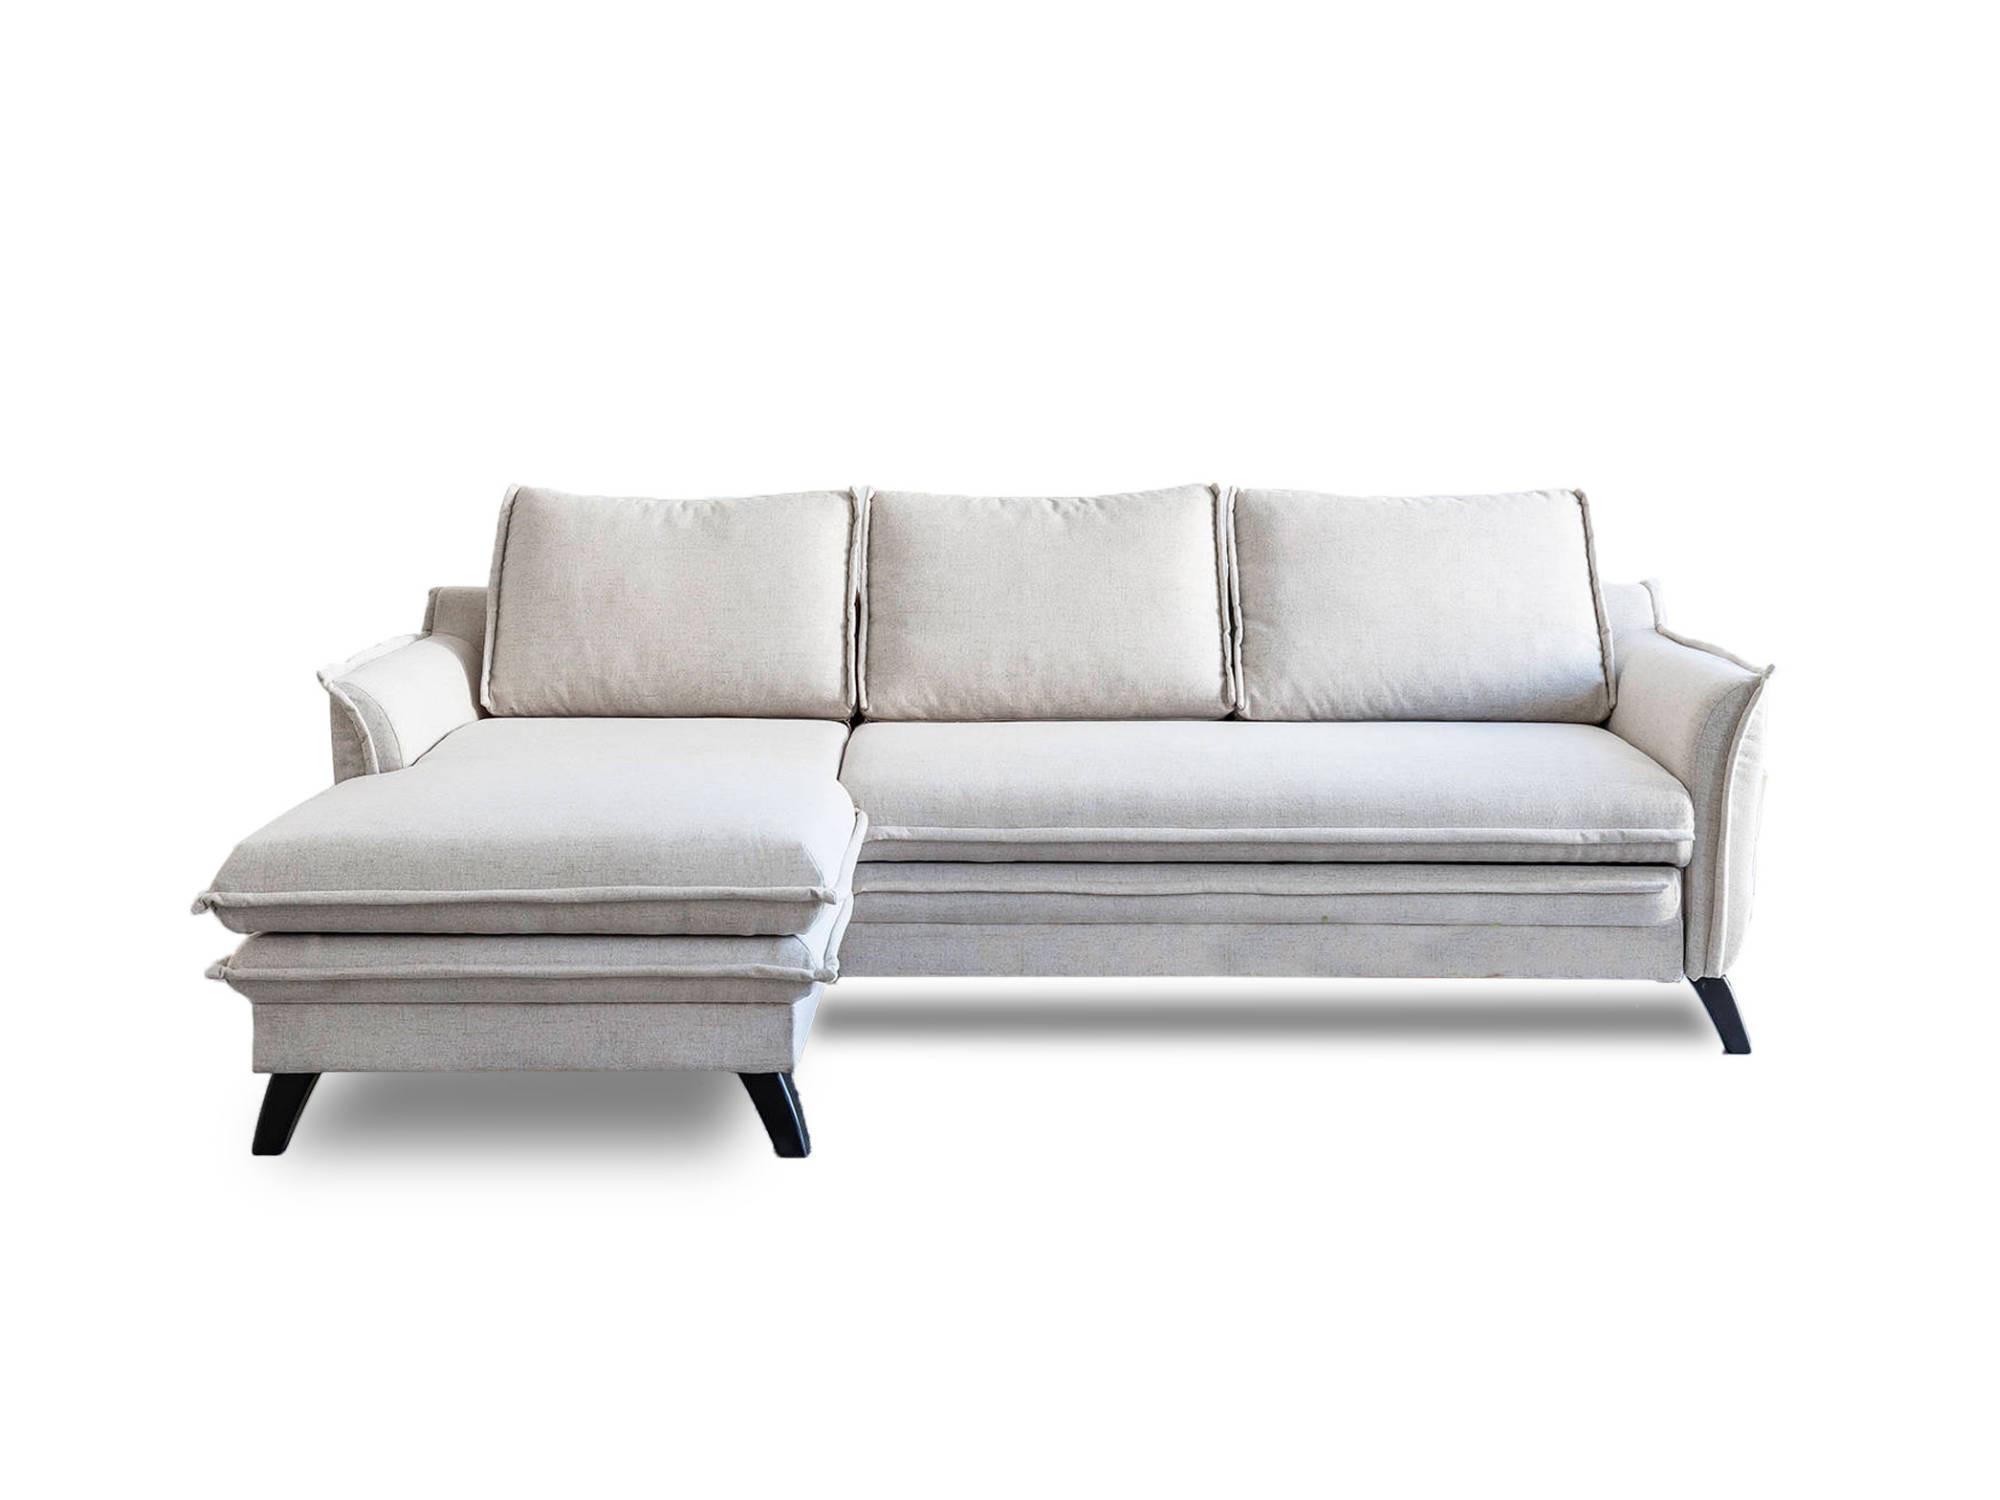 Canapé d'angle 4 places Beige Tissu Contemporain Confort